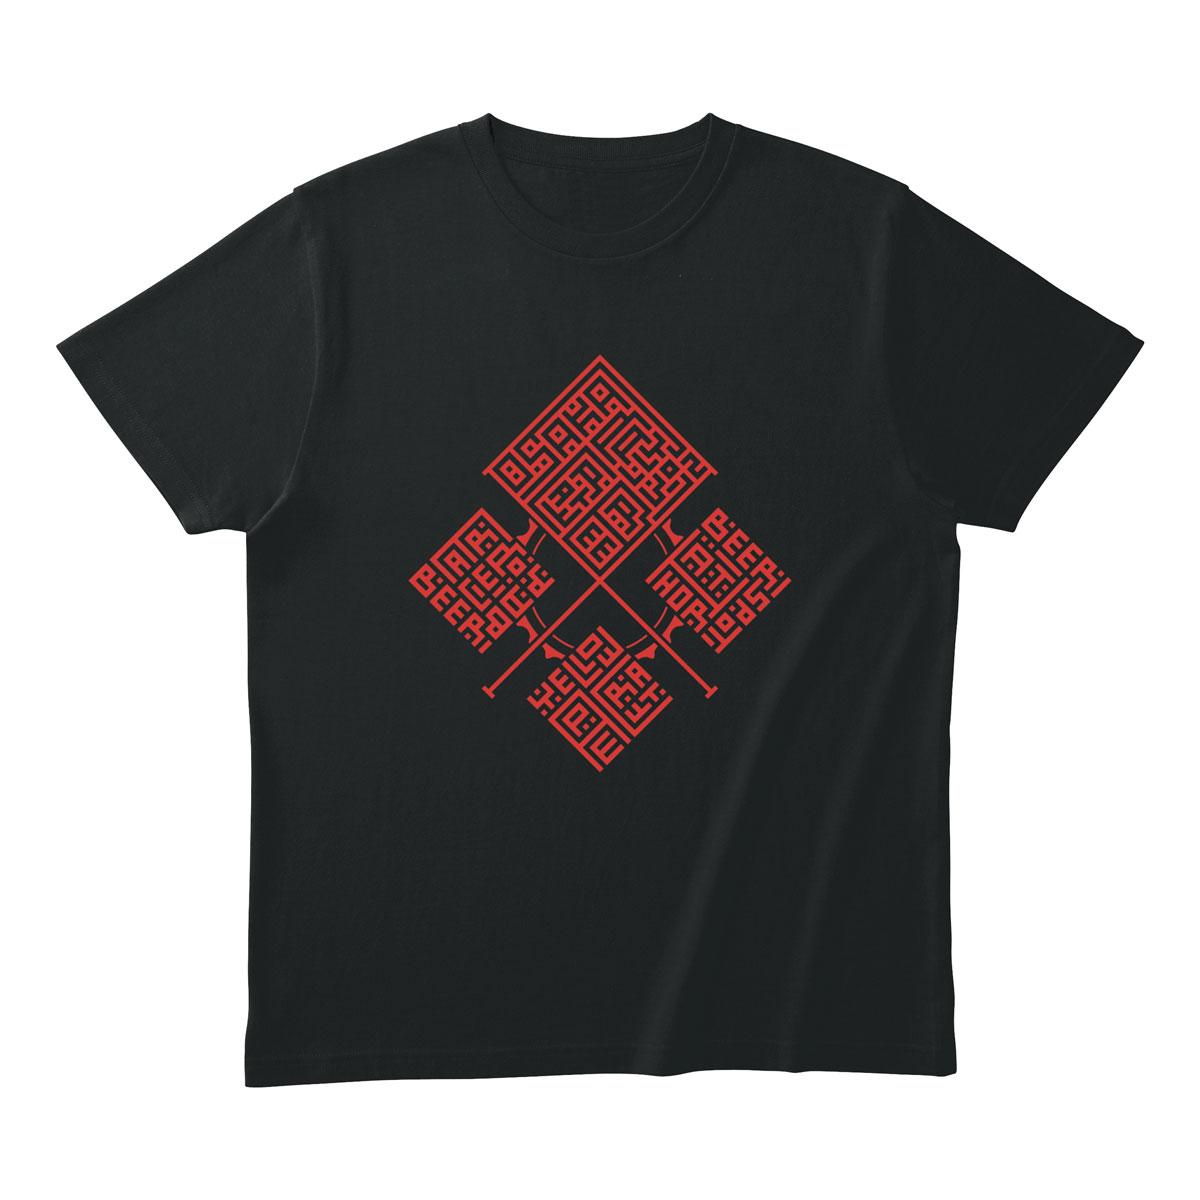 ocbr-vol2_ti-shirt_image